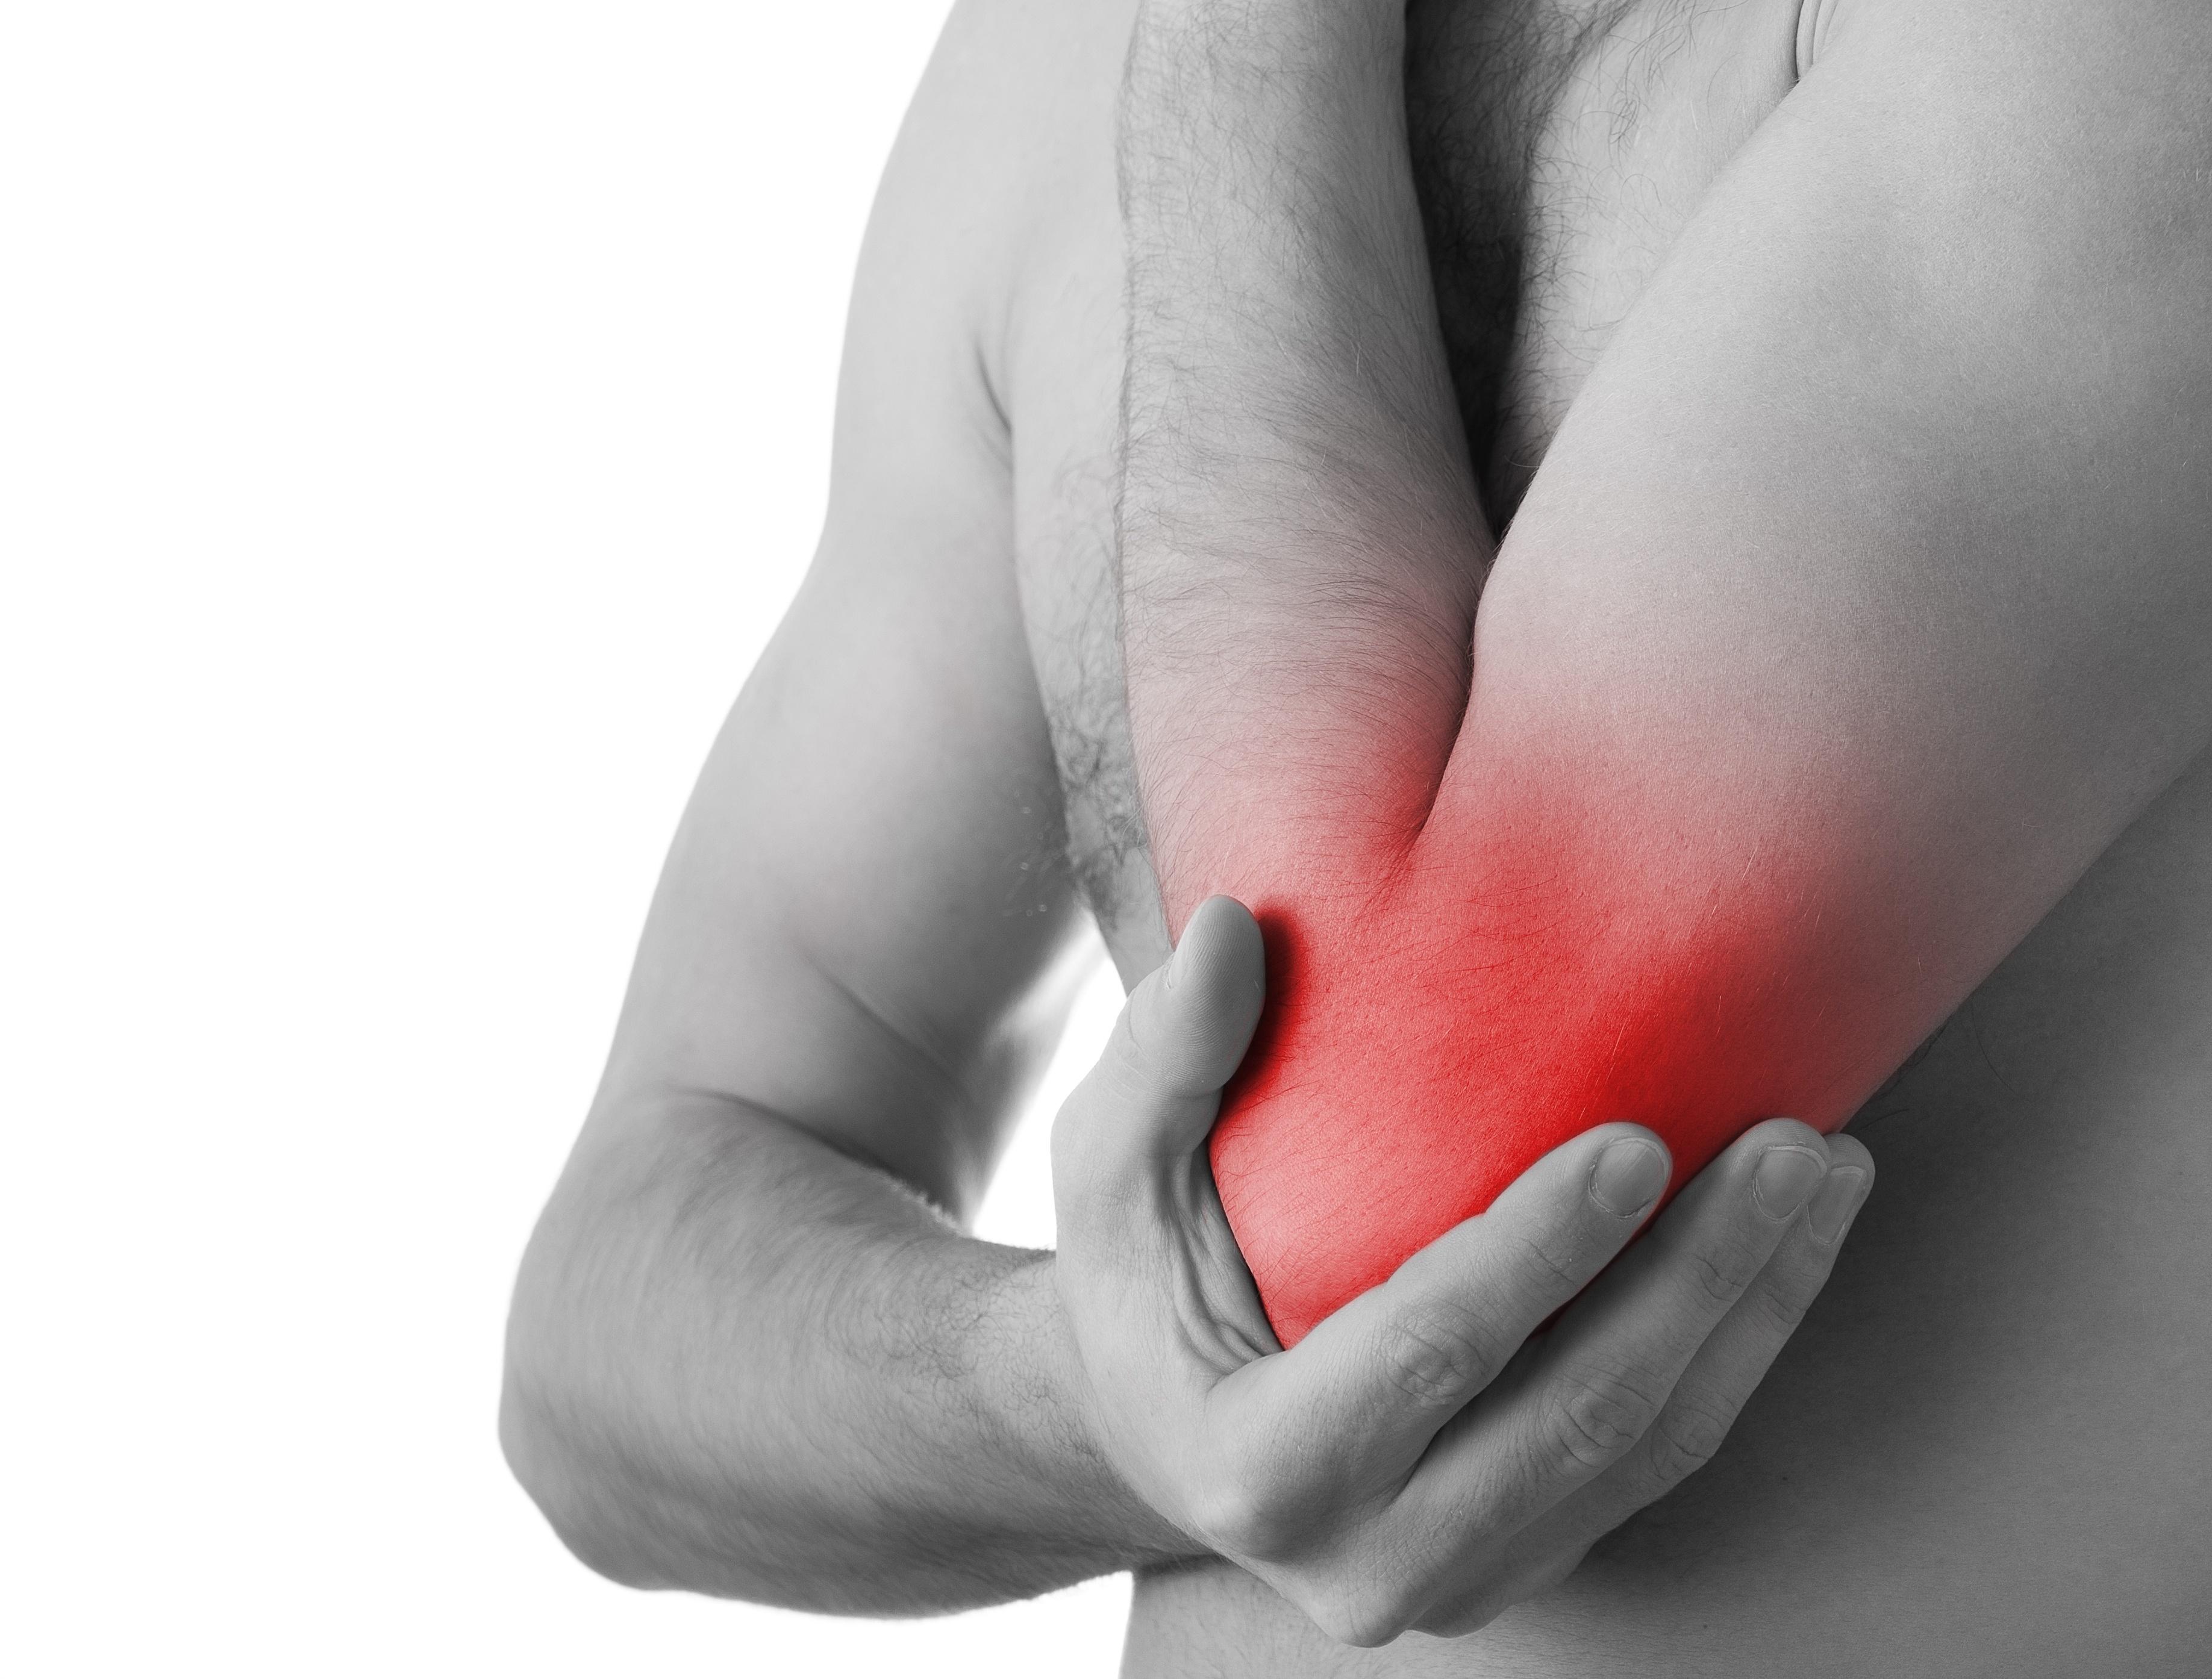 csípőízületi gyulladás tünetei és okai labujj zsibbadas okai